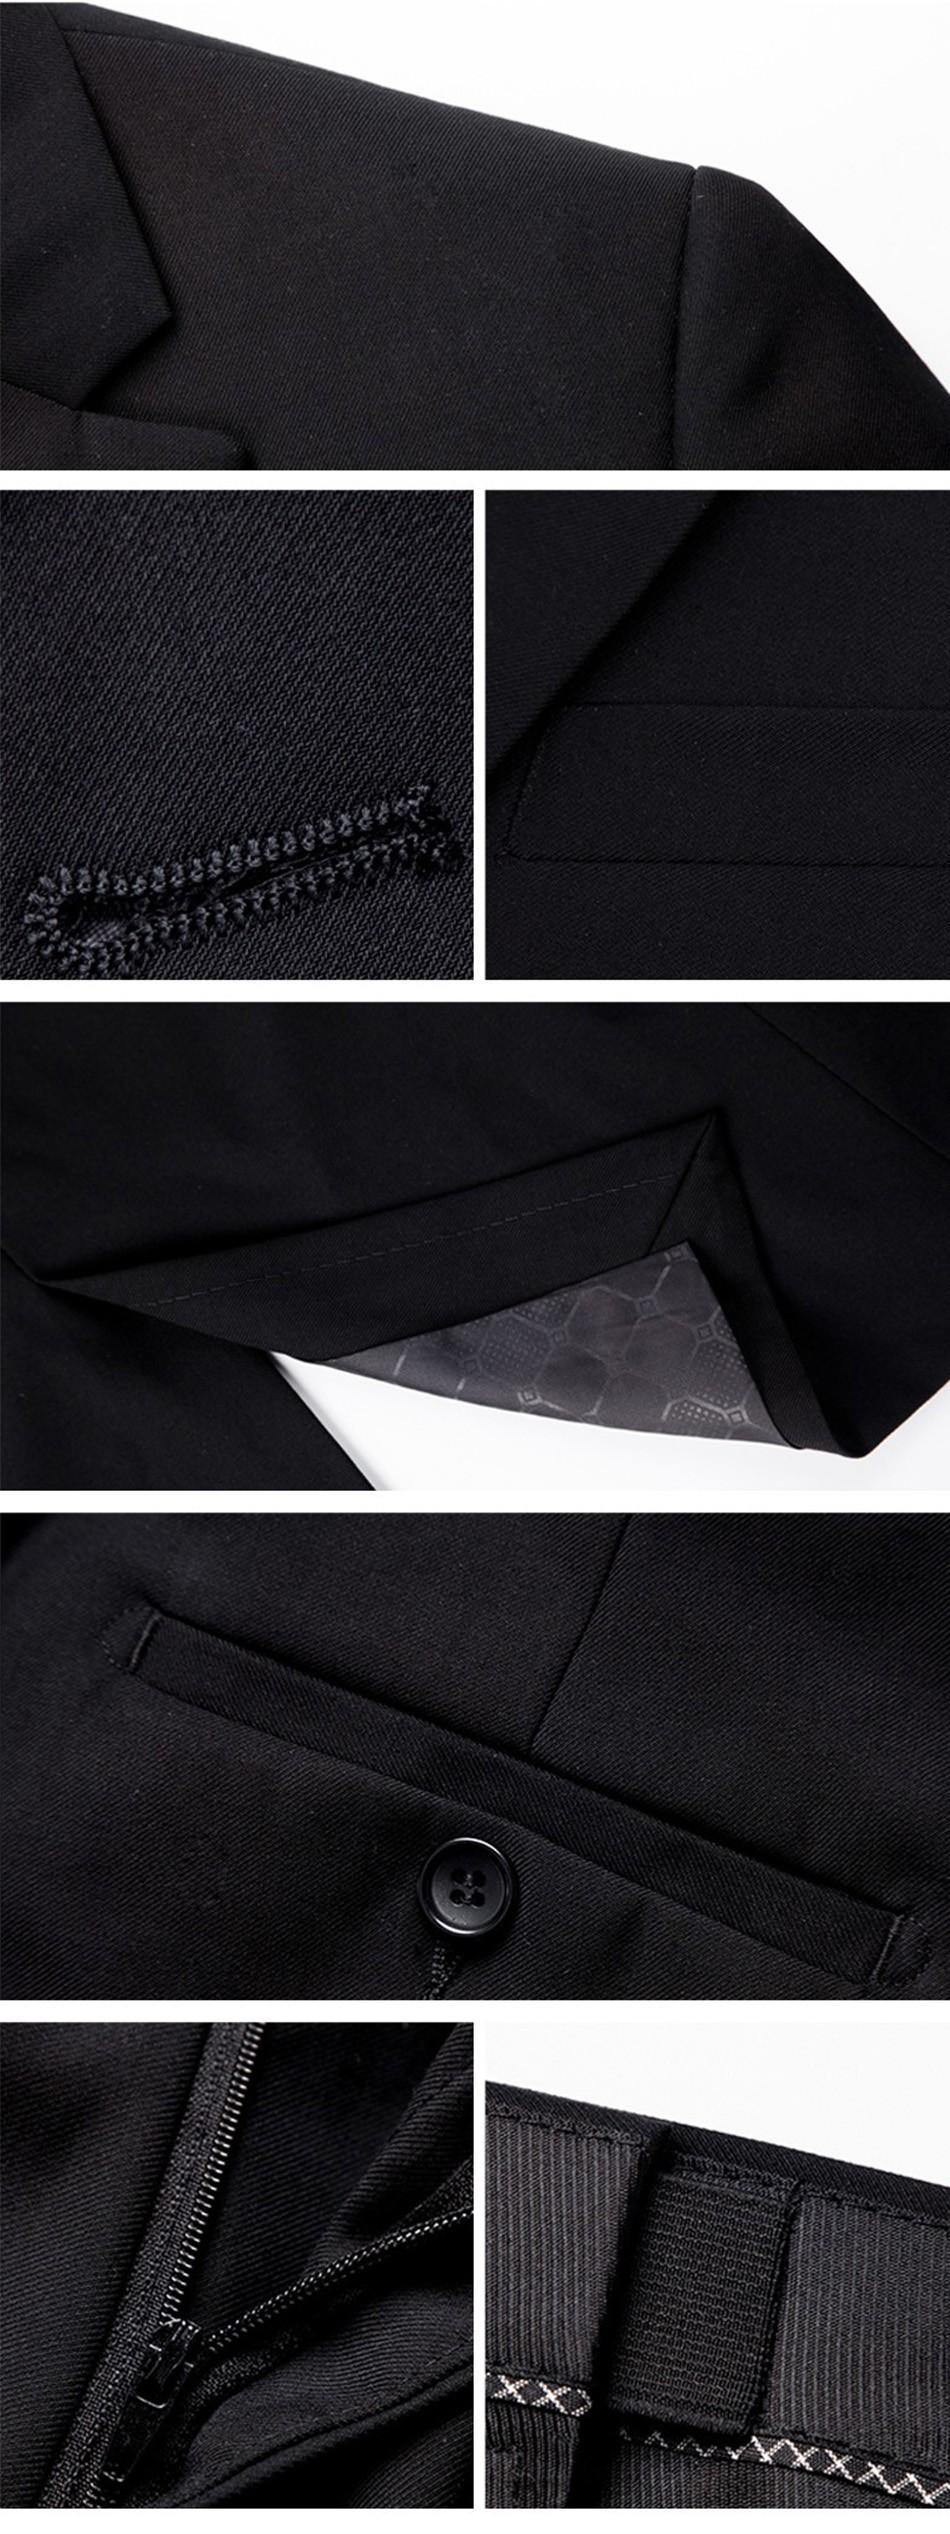 (Kurtka + Spodnie + Tie) luksusowe Mężczyzn Garnitur Mężczyzna Blazers Slim Fit Garnitury Ślubne Dla Mężczyzn Kostium Biznes Formalne Party Niebieski Klasycznej Czerni 23